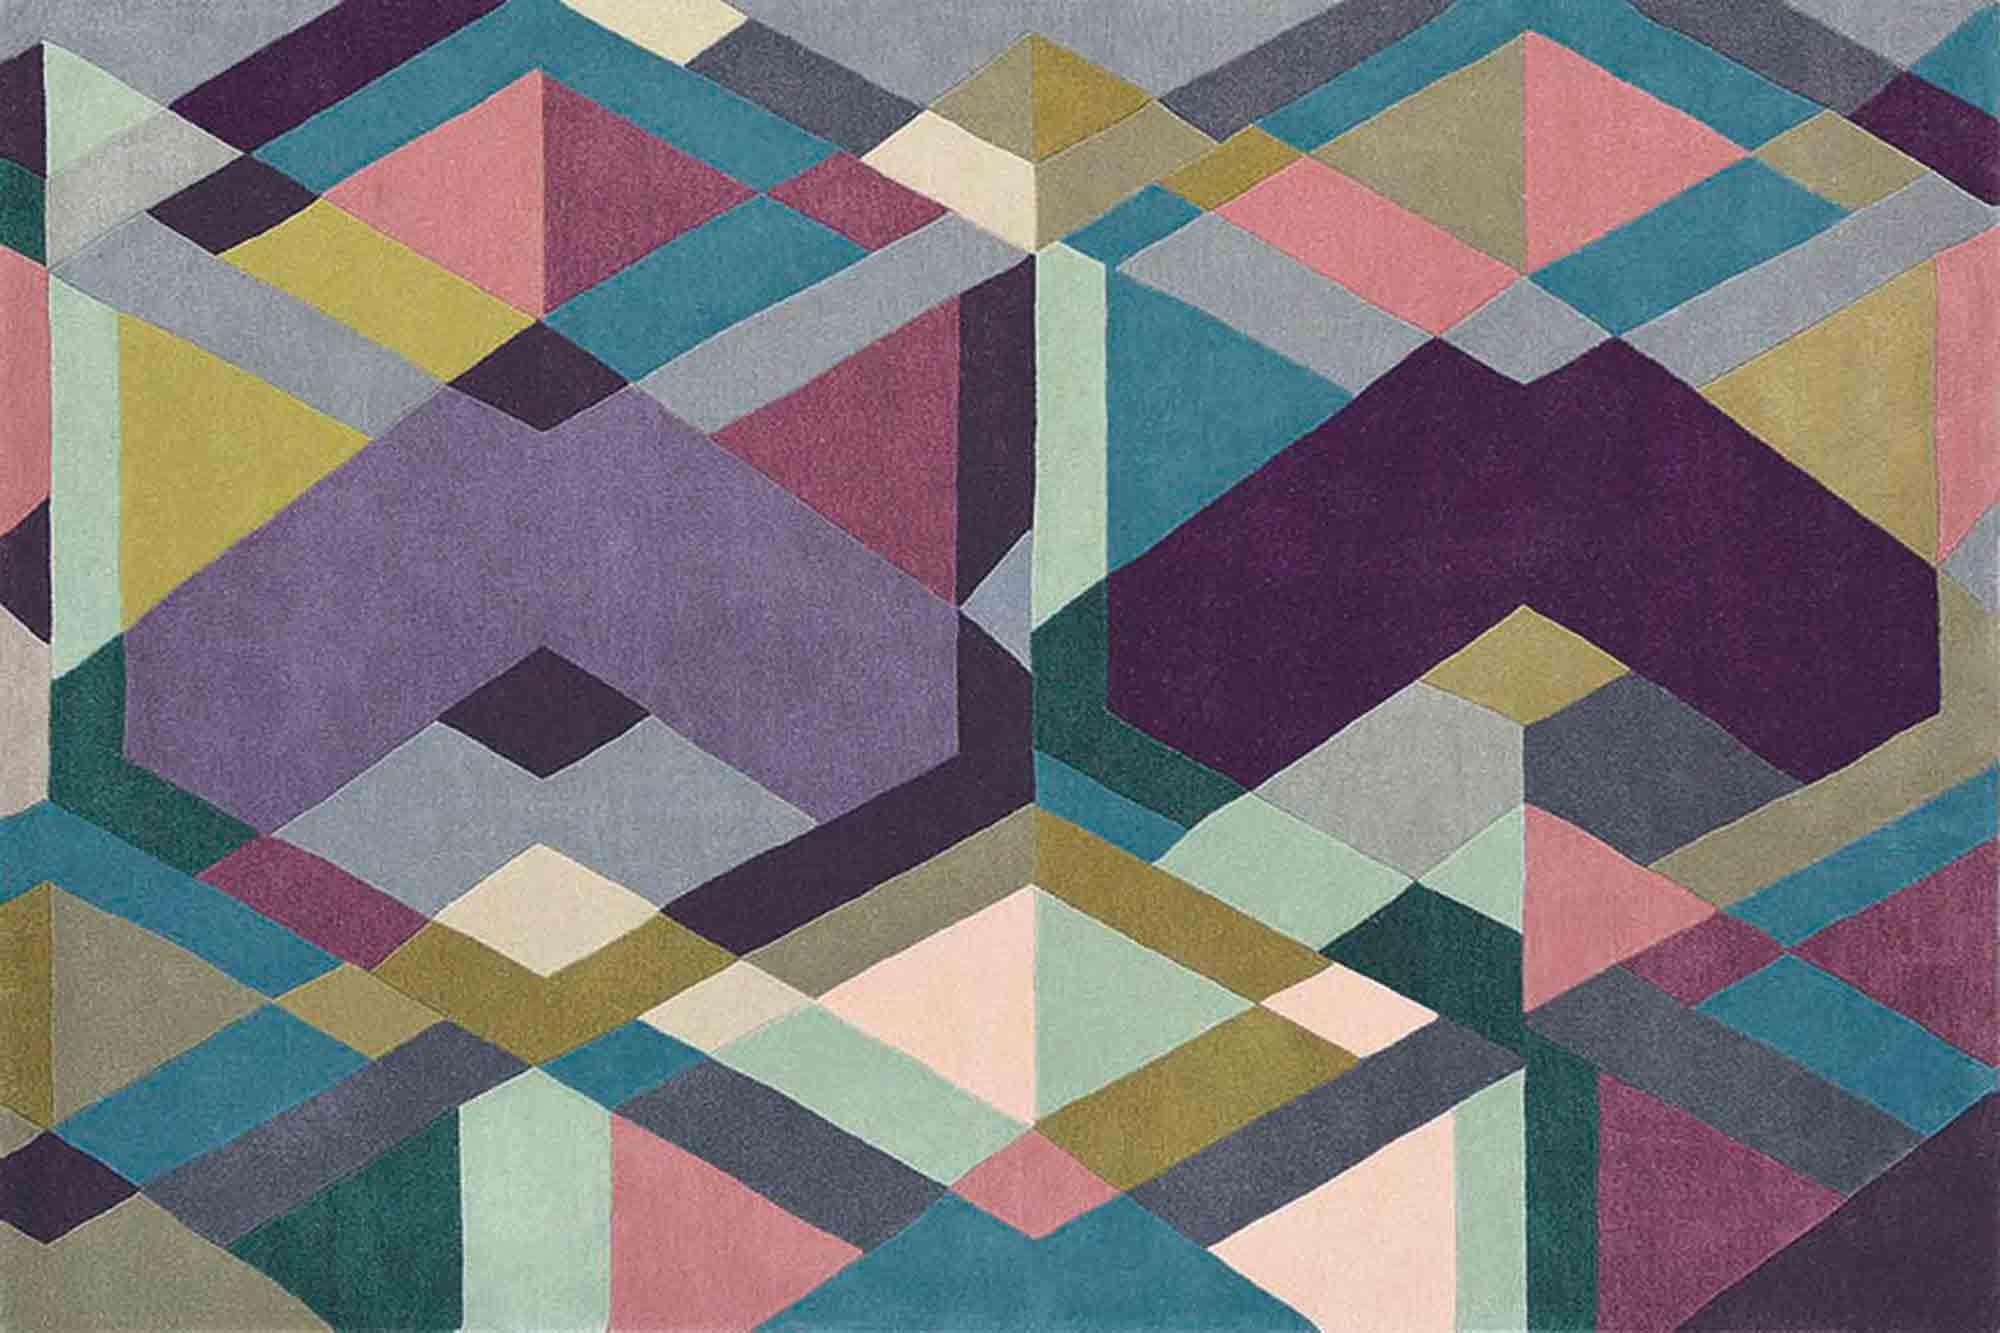 Χαλί Mosaic Light Purple 57605 Ted Baker 200X300